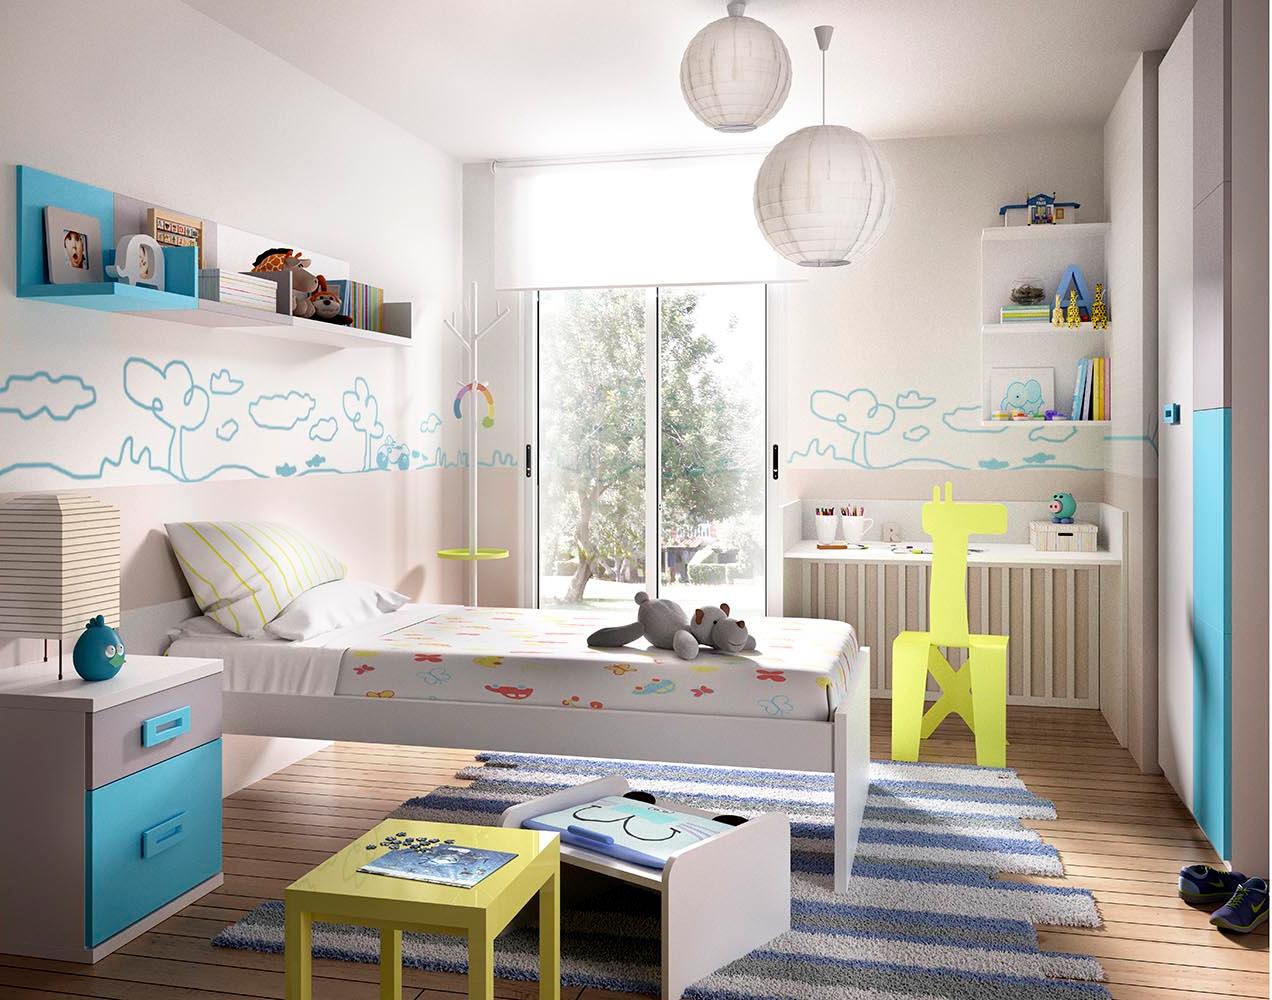 Cameretta baby convertibile k 601 letto armadio scrivania bambini - Armadio cameretta bimbi ...